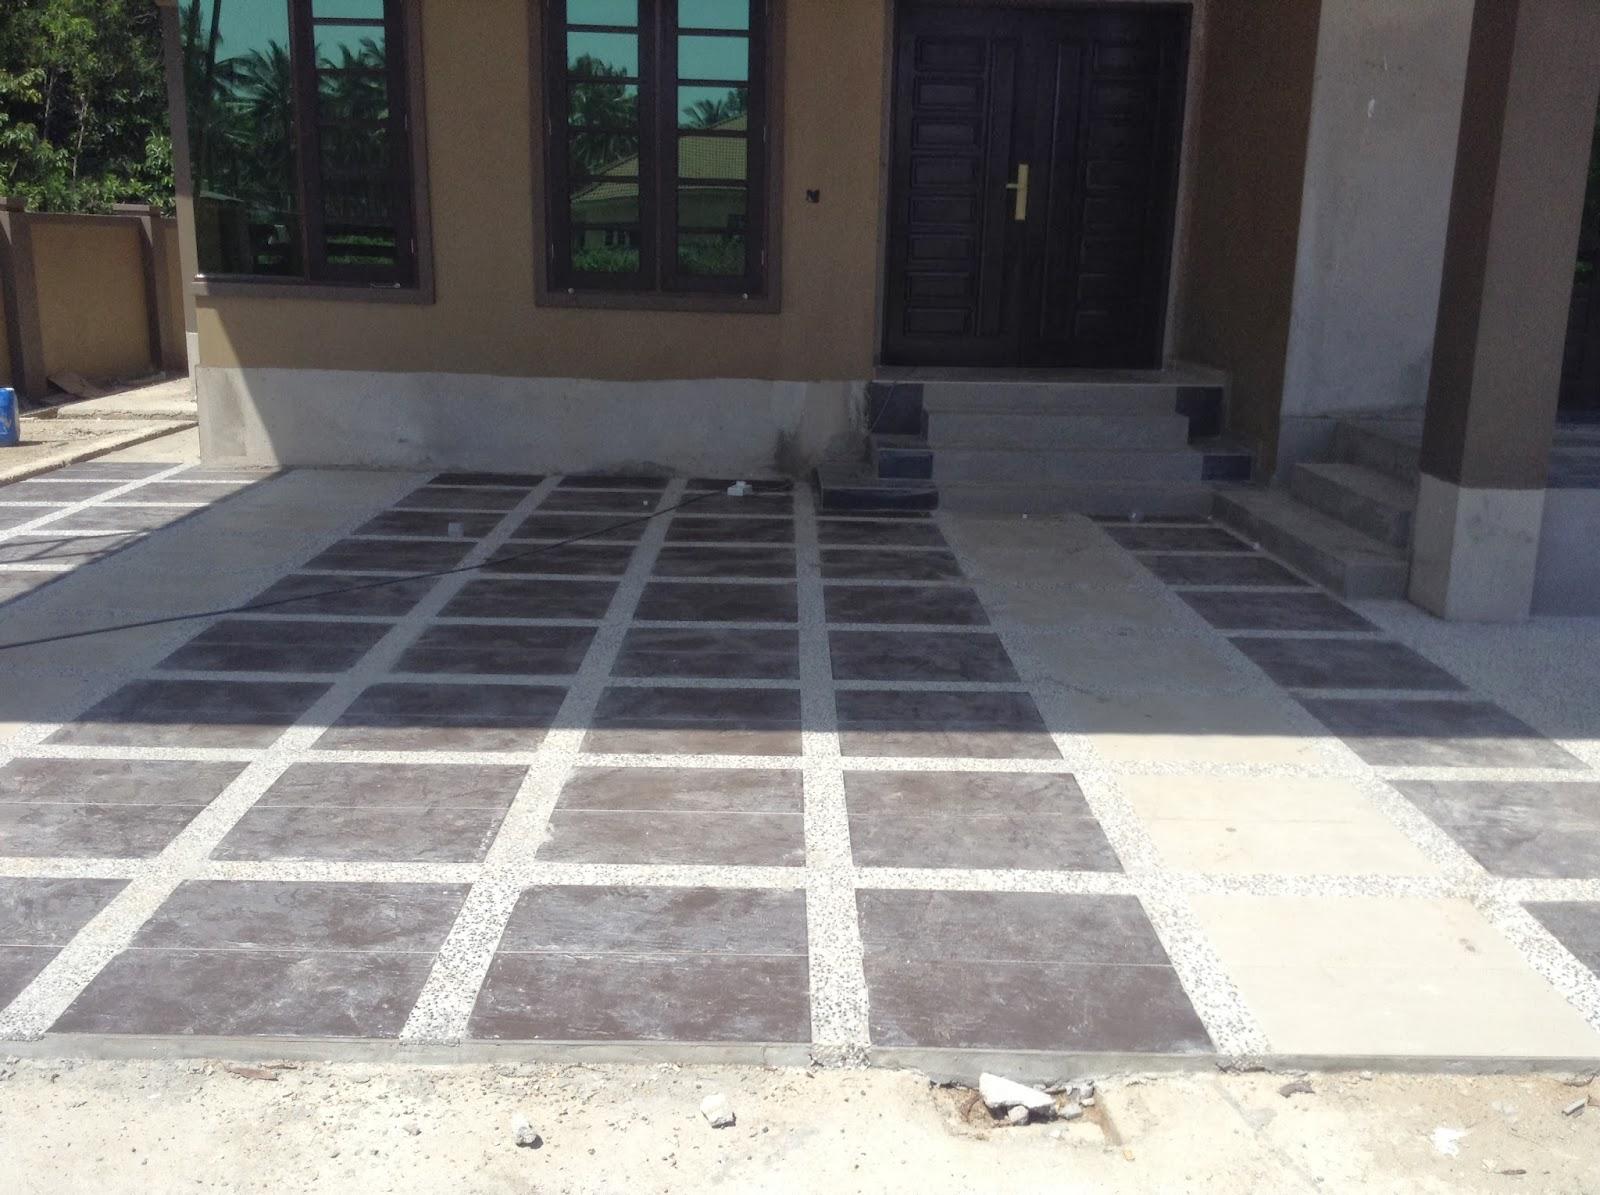 Design Lantai Porch Selepas Siap Dipasang Tiles Dan Pebble Wash